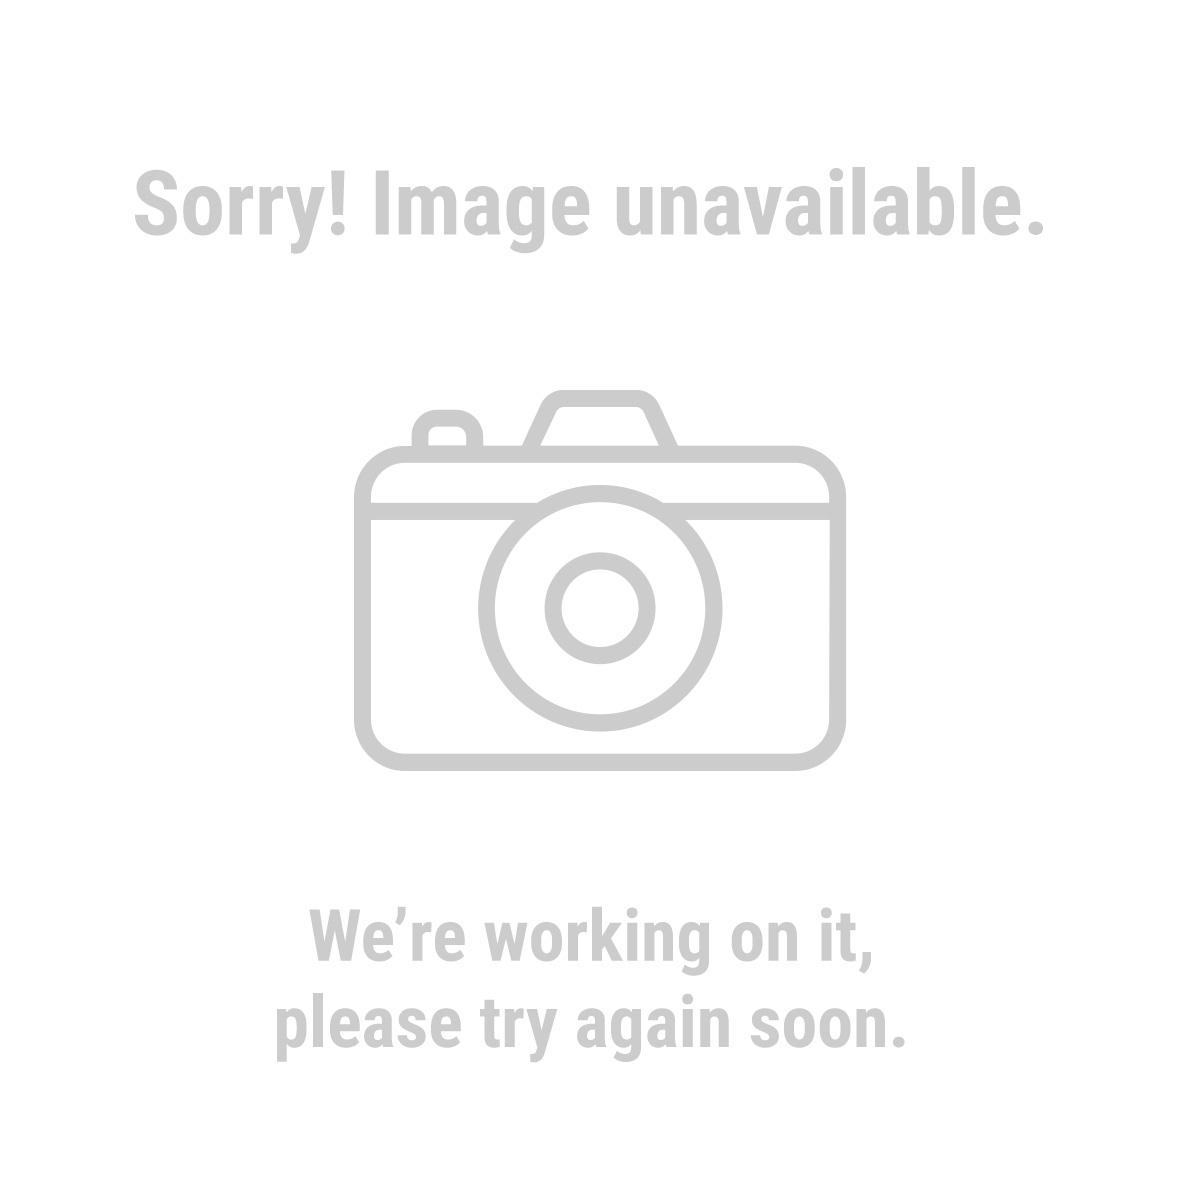 HFT 61607 Anti-Fatigue Foam Mat Set 4 Pc